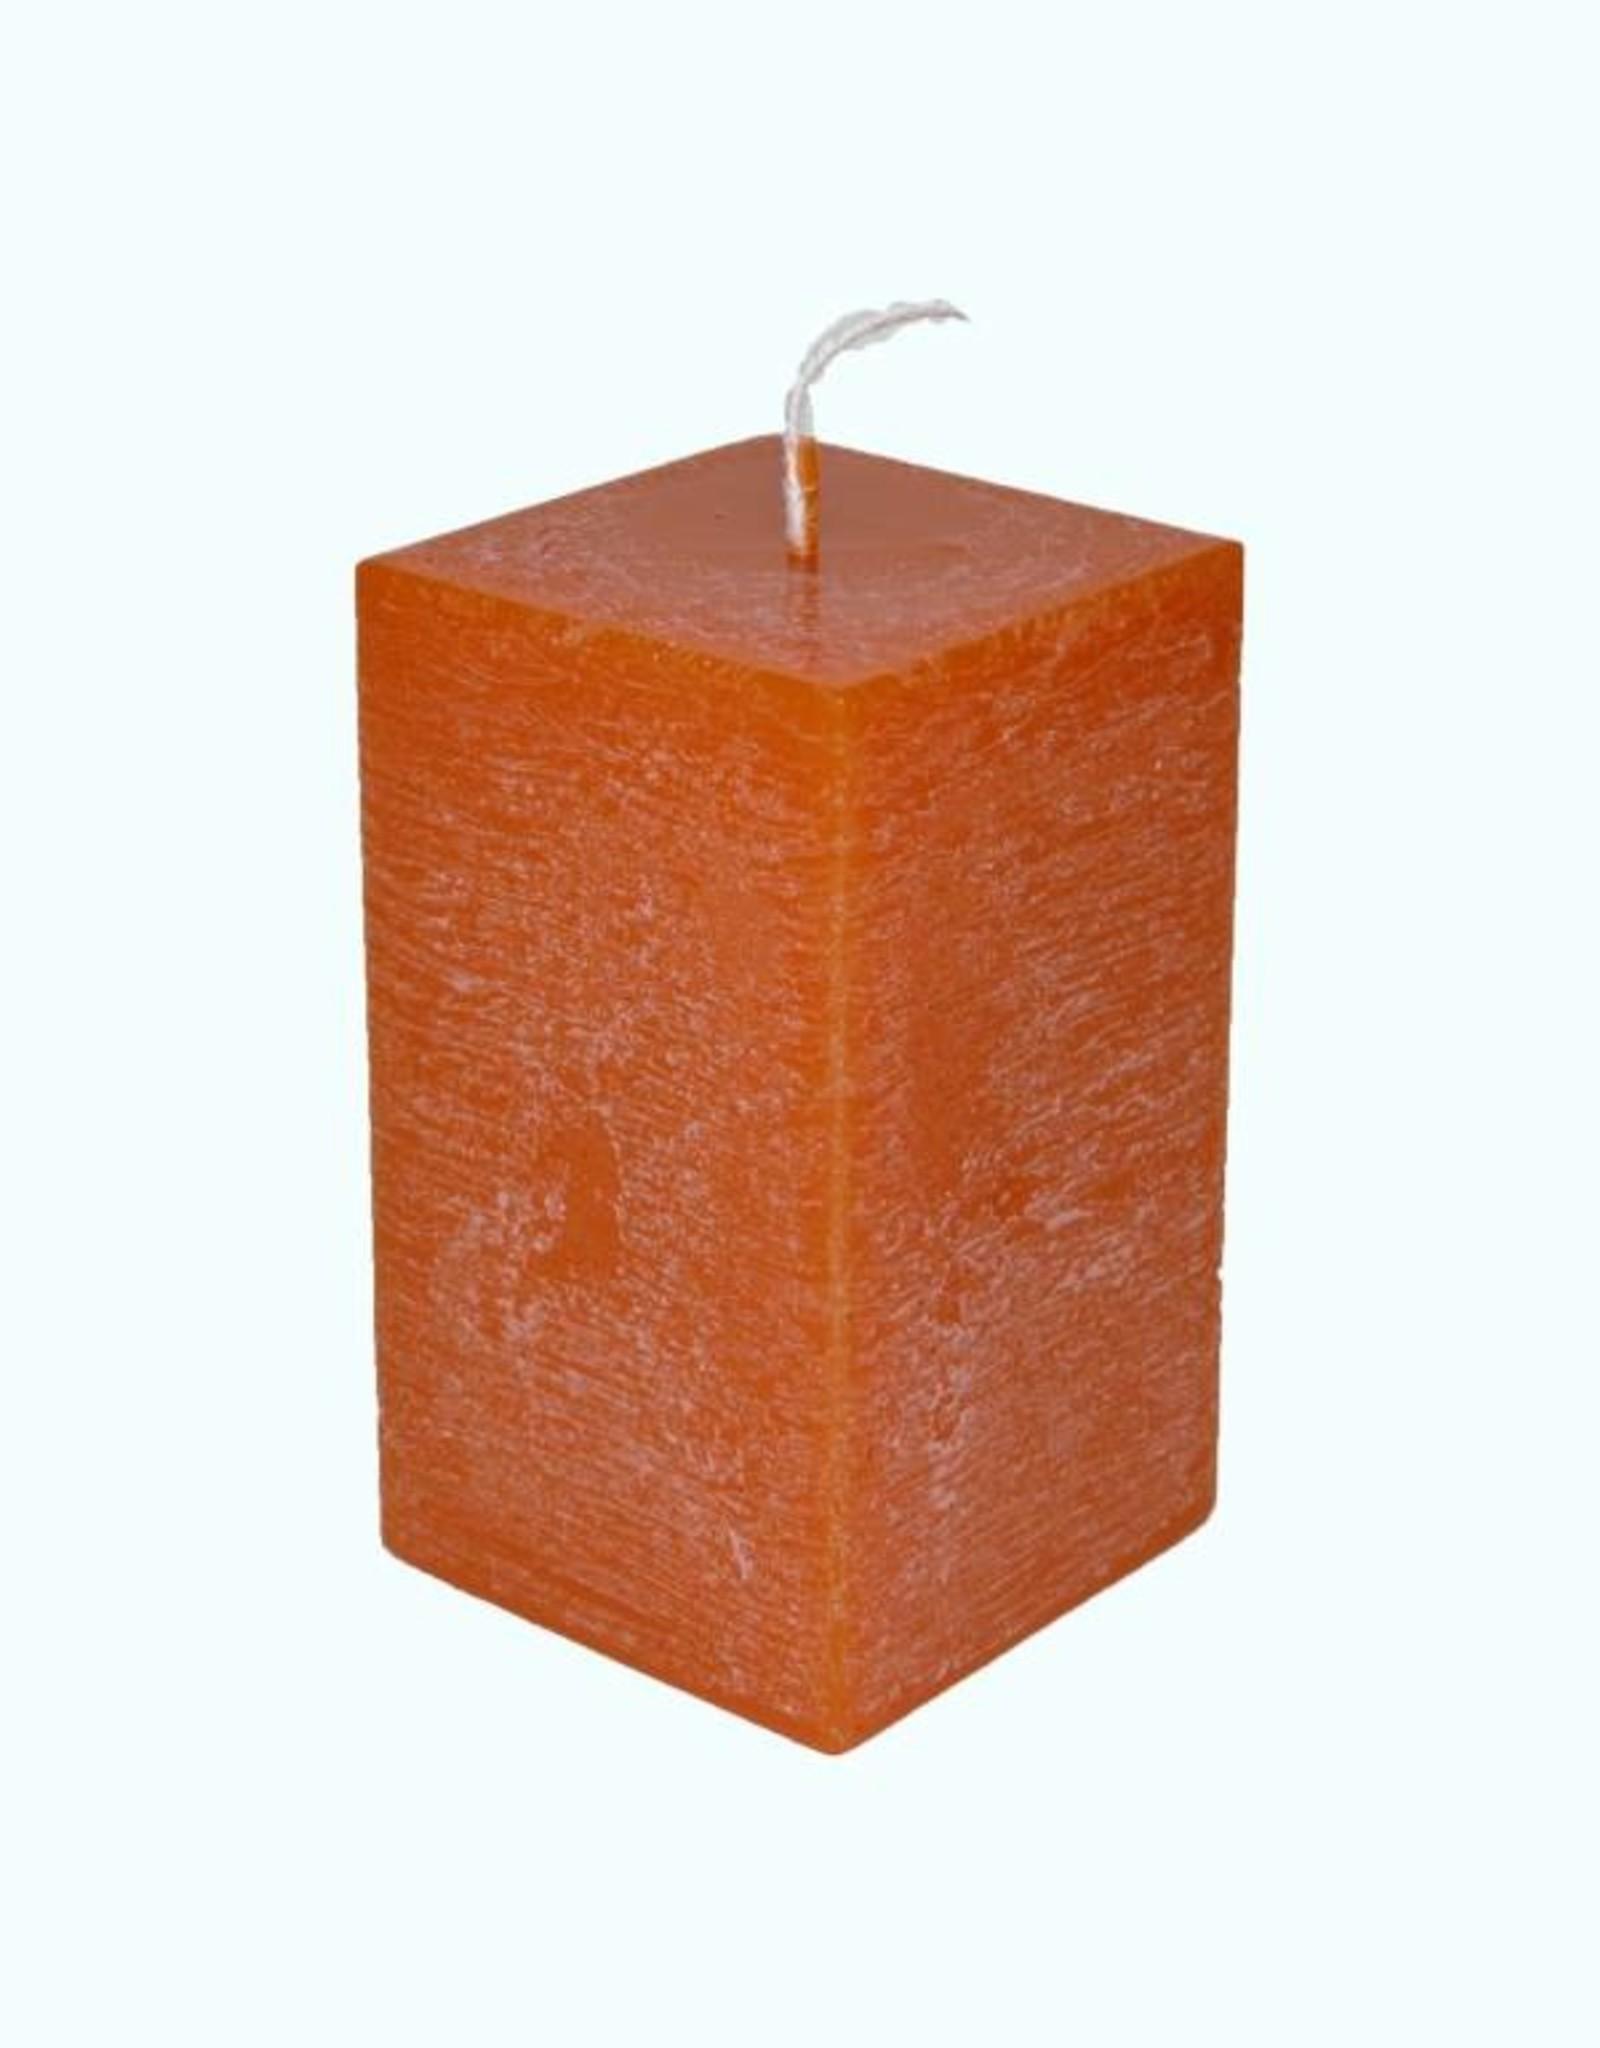 Oranje vierkante kaars met rustique uitstraling en kaars met lange levensduur